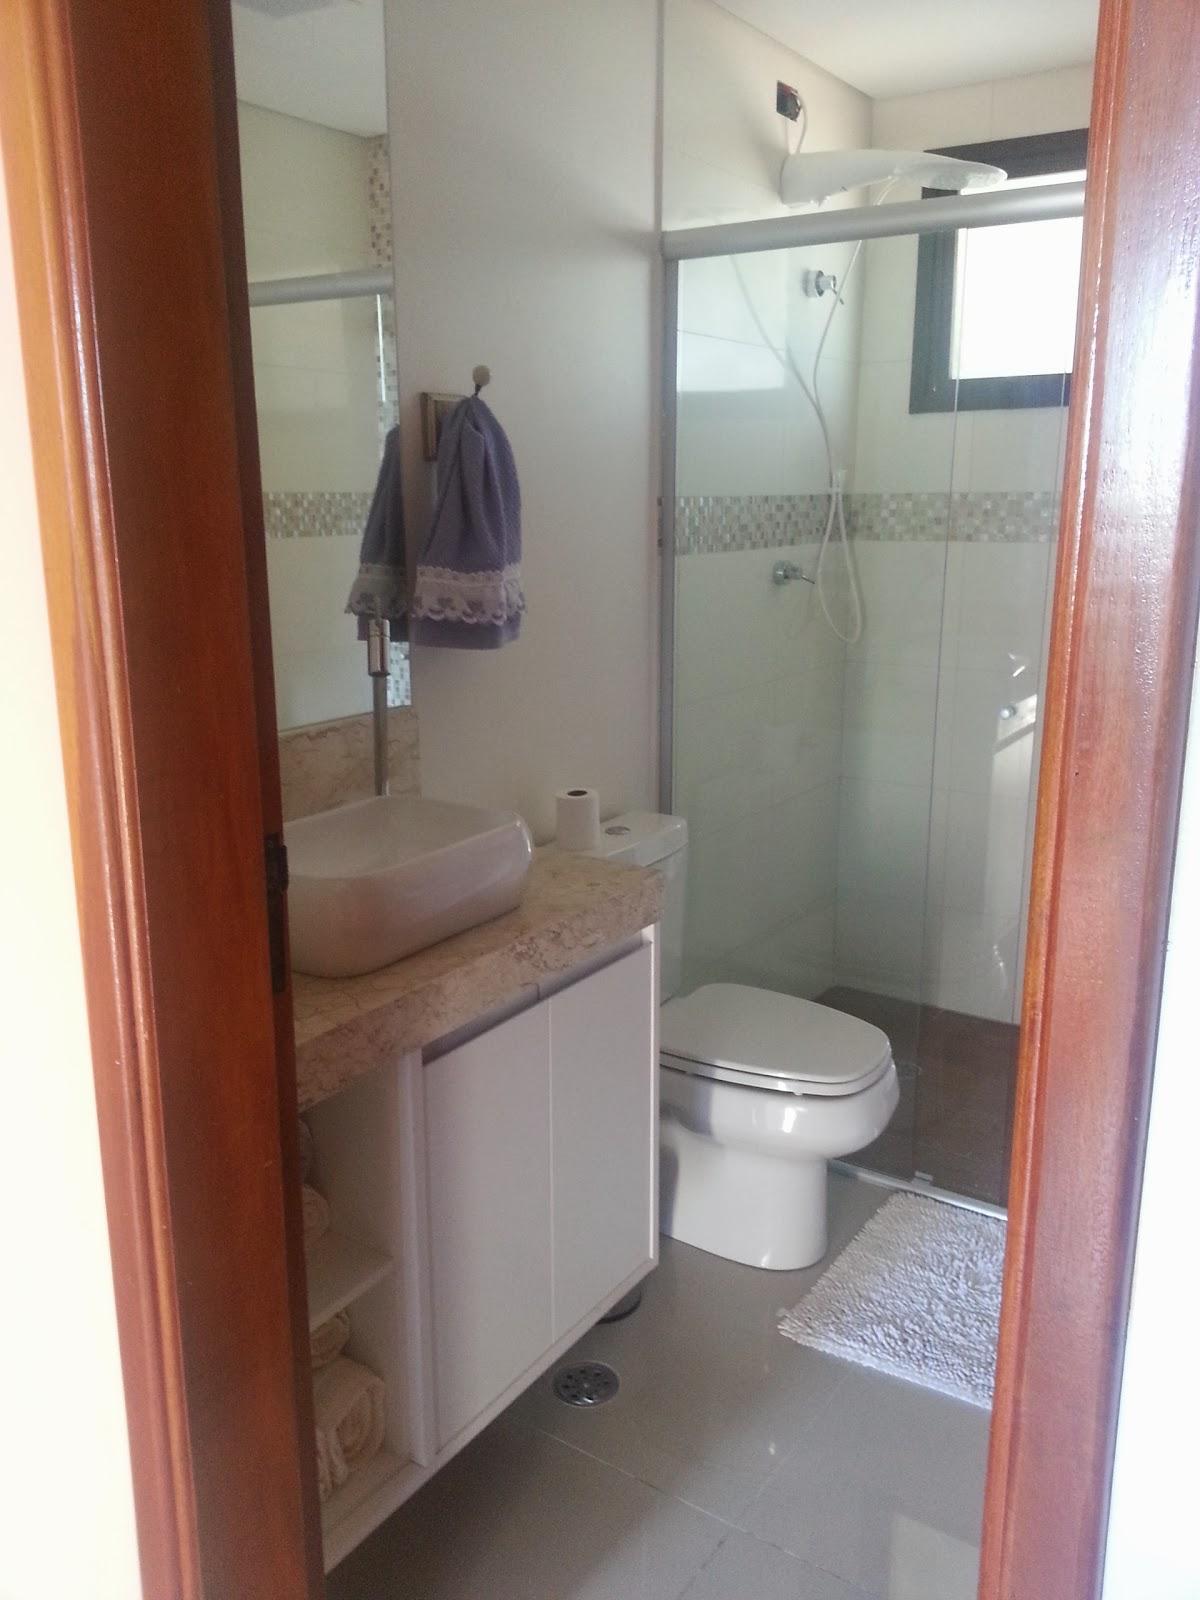 Imagens de #633627 Obs: Falta o marido fechar a tomada do chuveiro! rsrsrs 1200x1600 px 3698 Banheiros Prontos Fotos